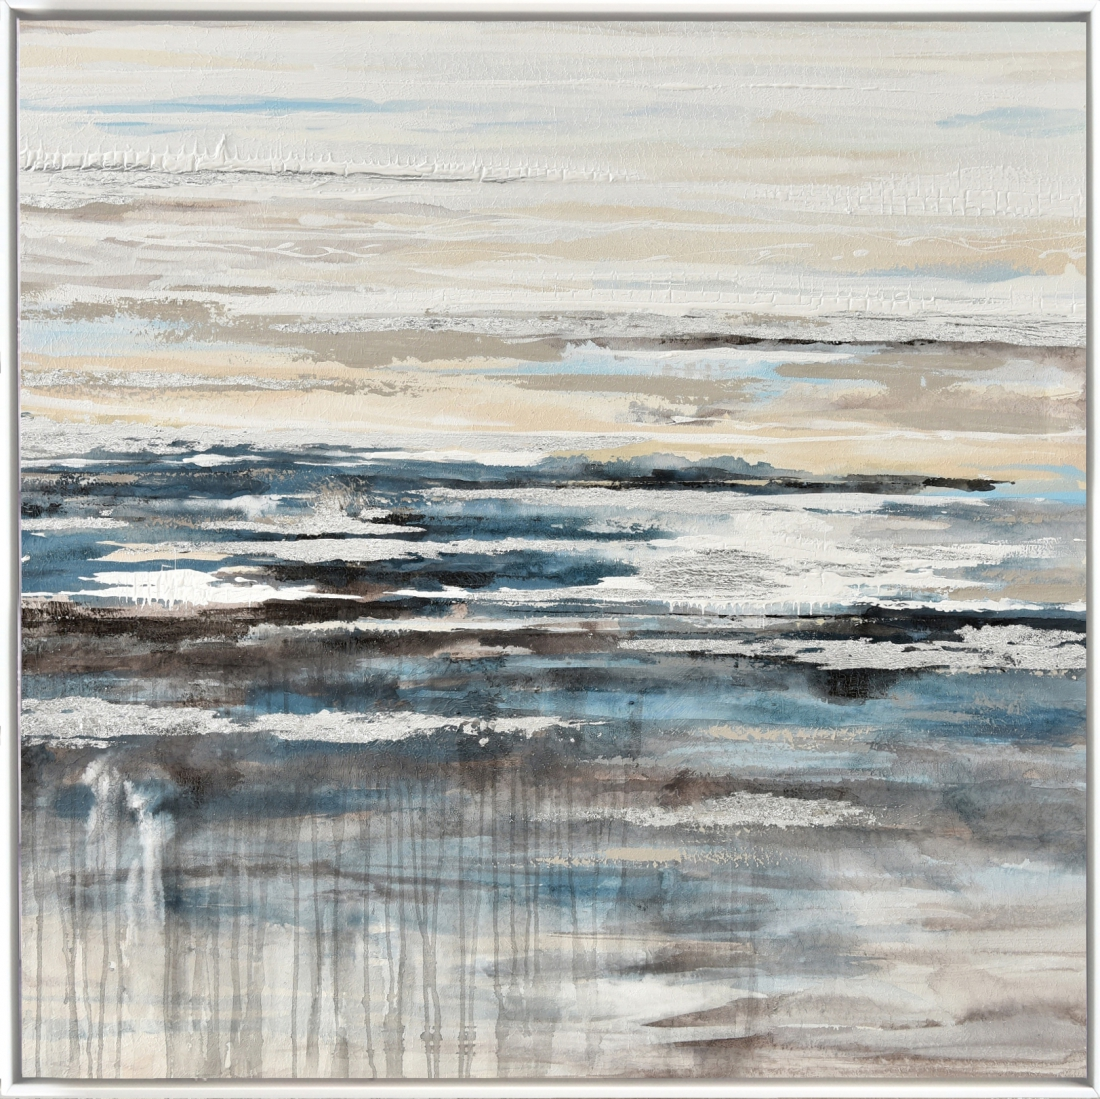 Schilderij abstract 122x122